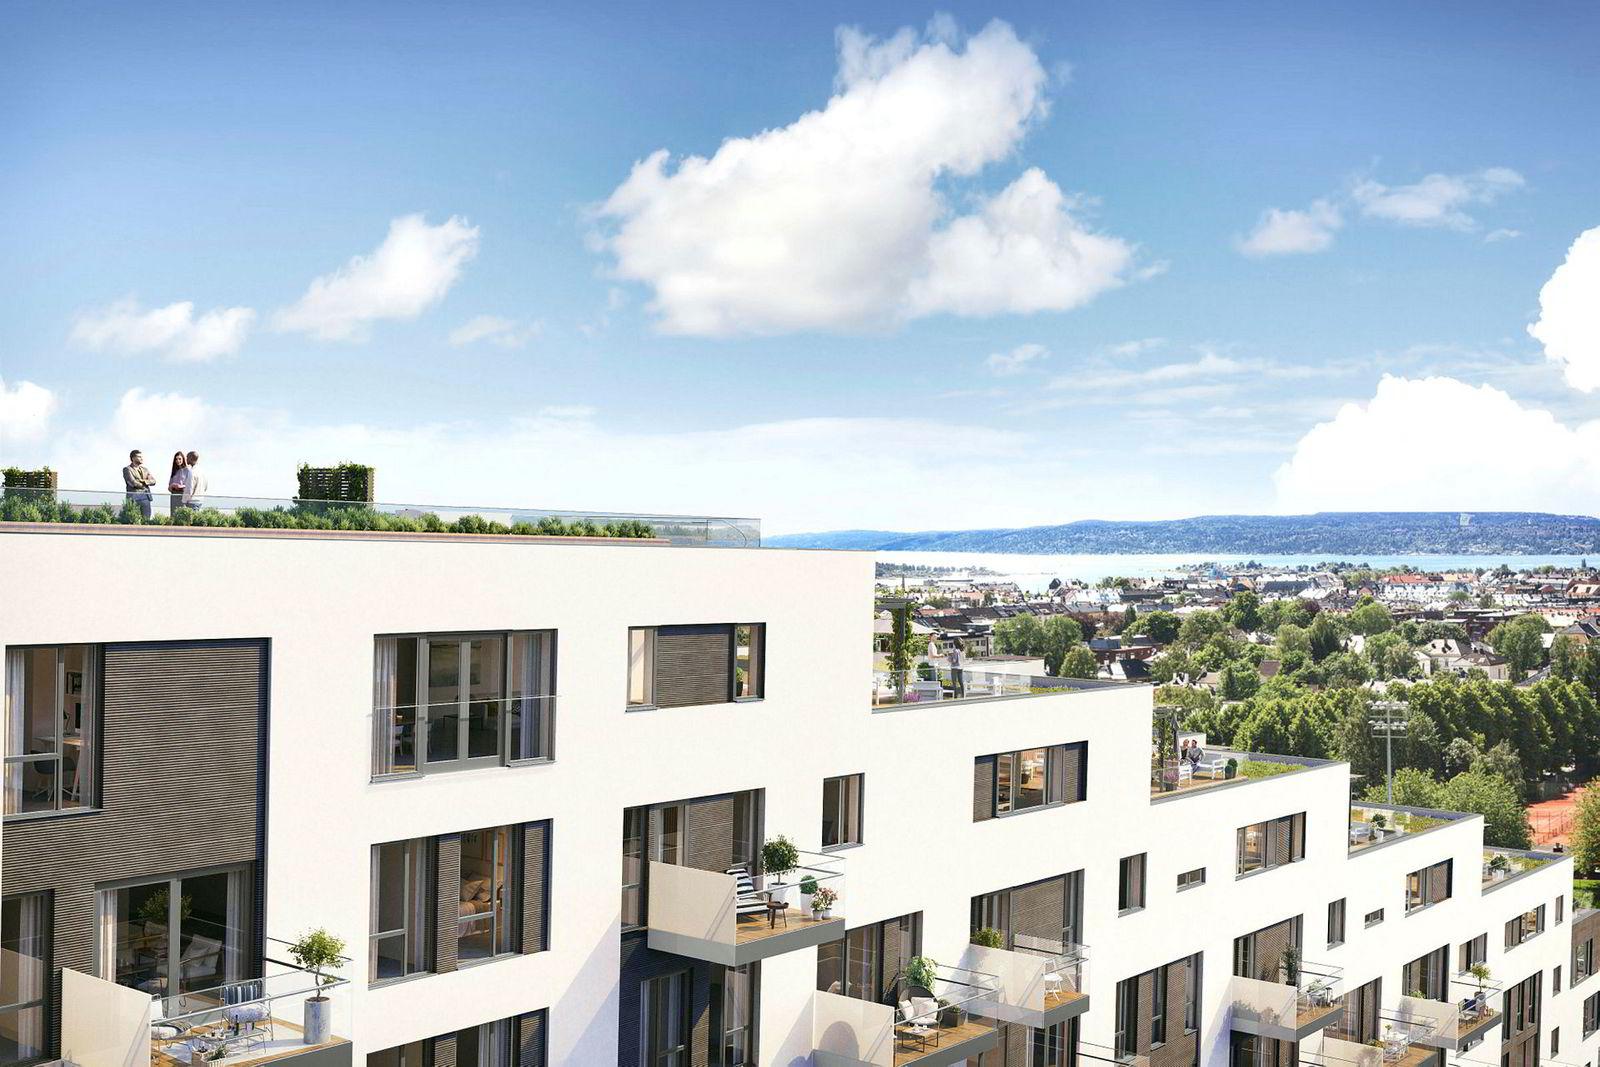 Med sine 395 kvadratmeter har leiligheten en kvadratmeterpris på saftige 245.000 kroner.